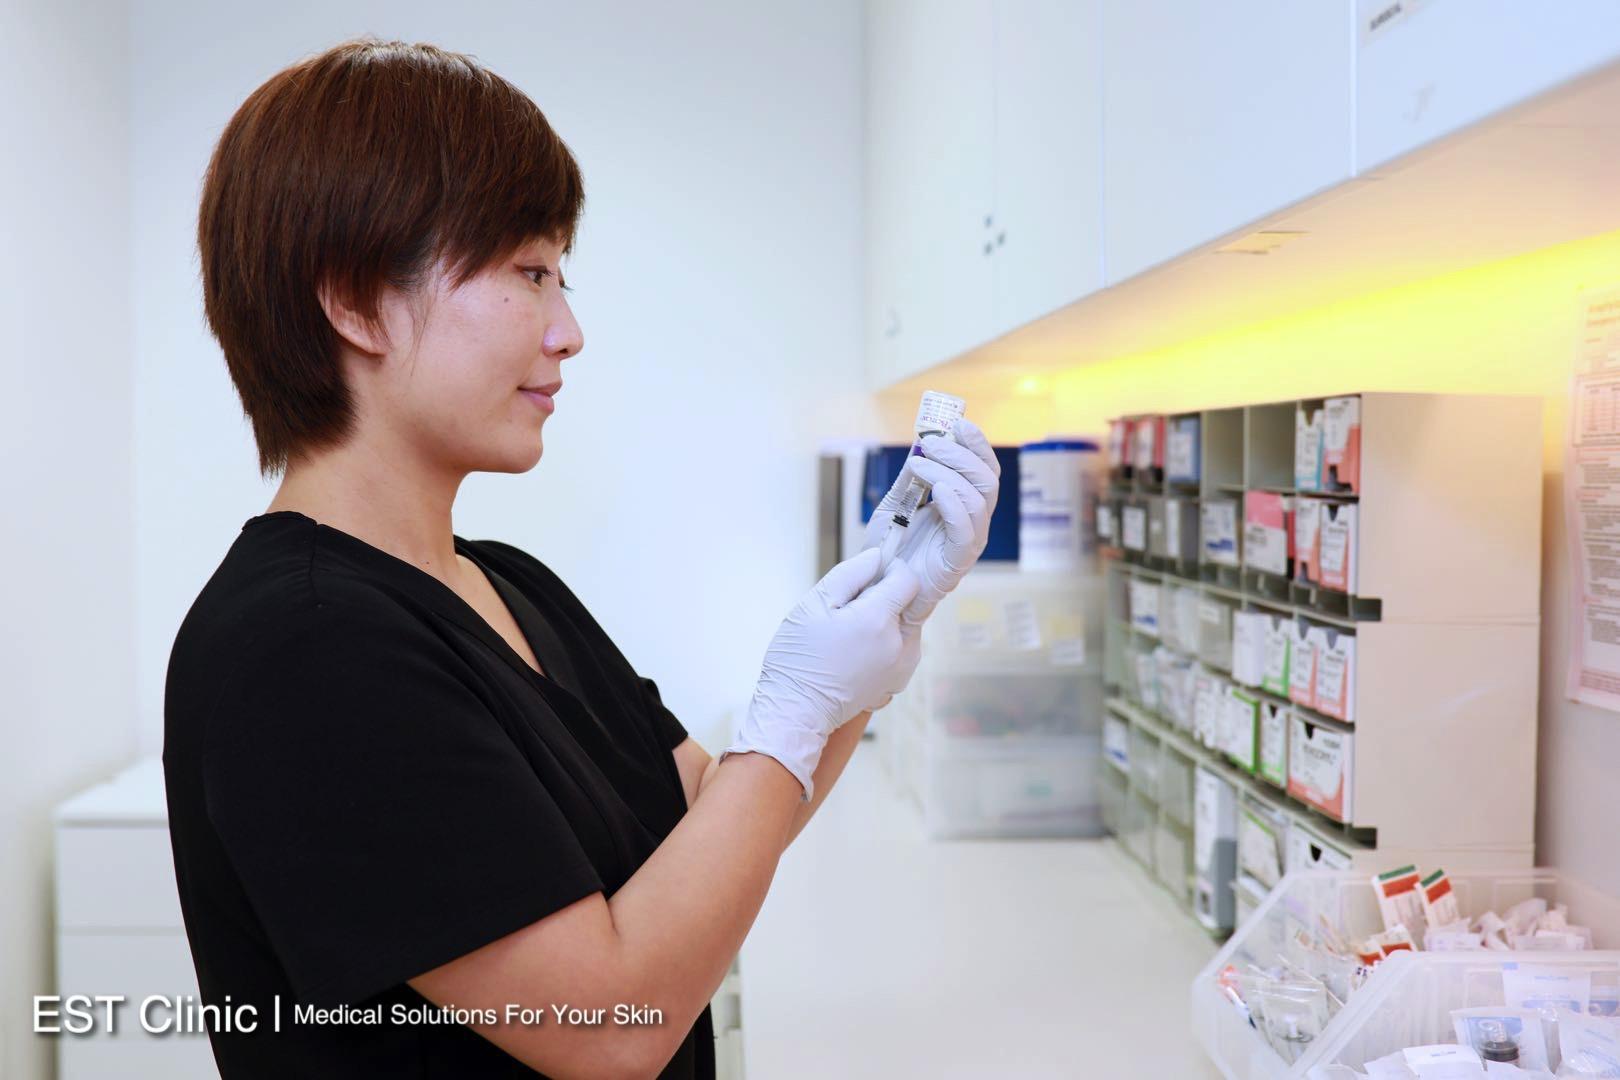 est clinic nurse 5